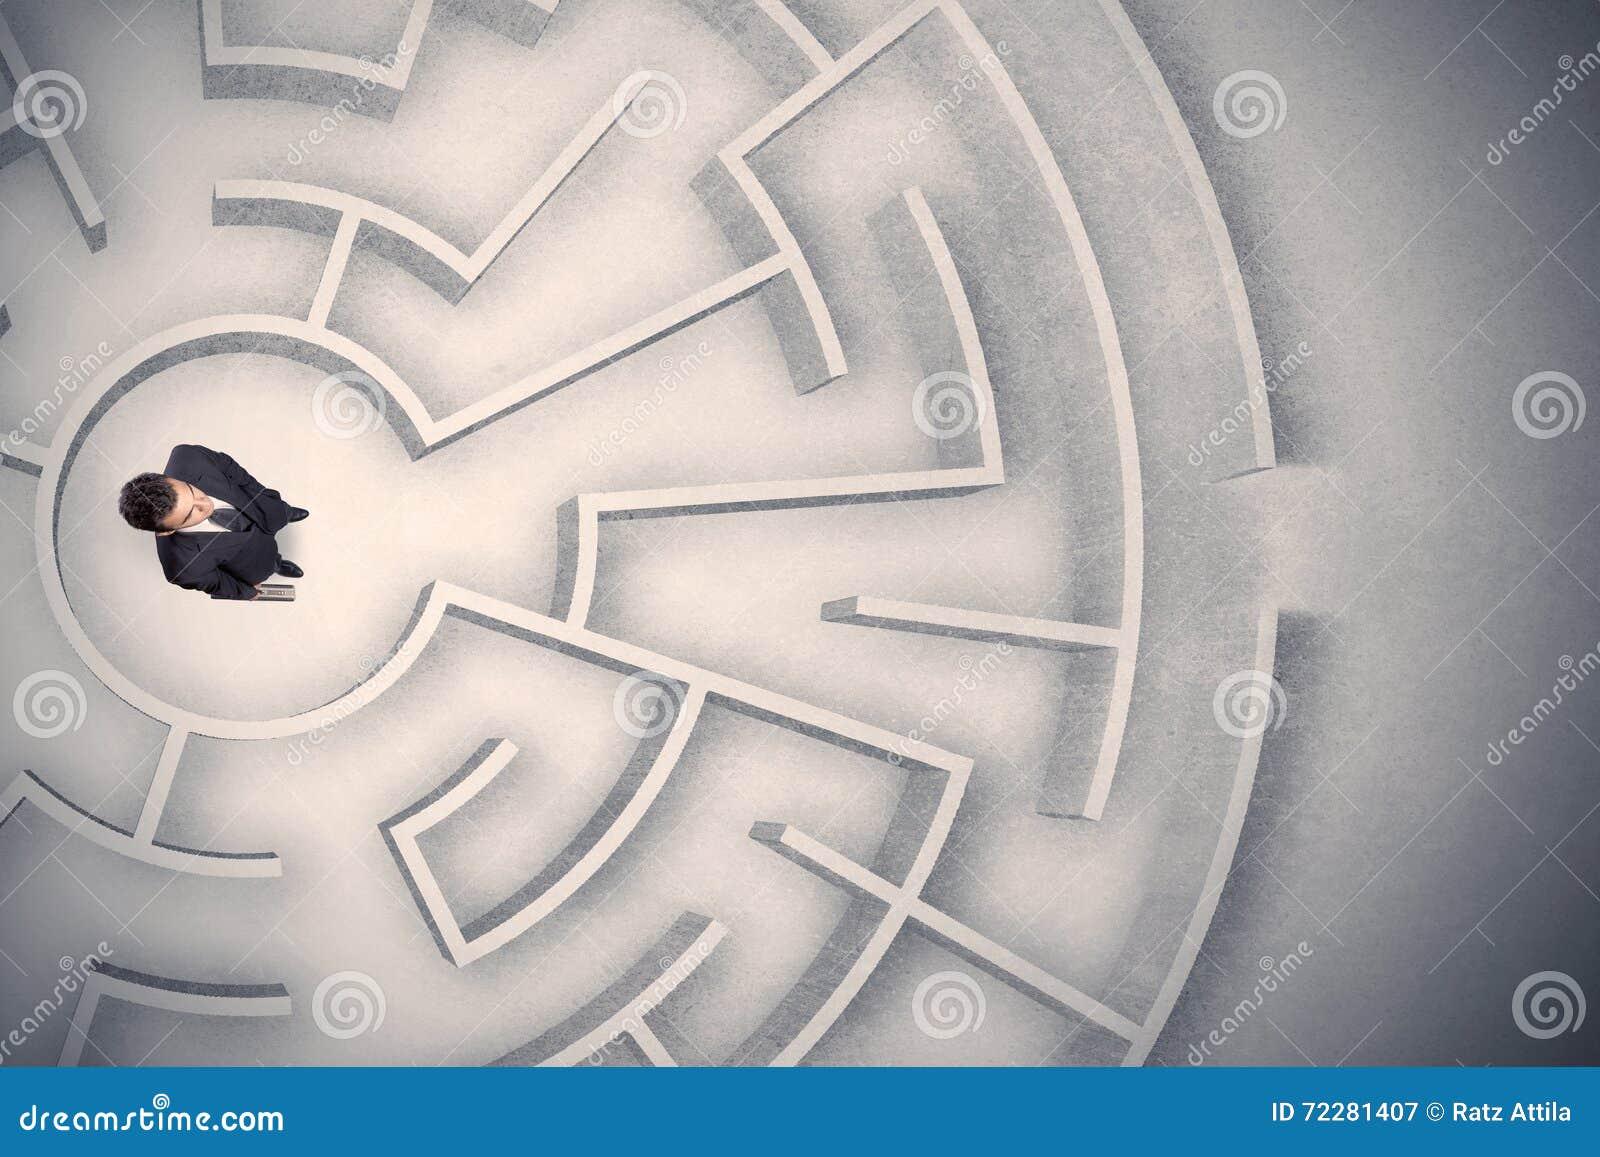 Download Бизнесмен поглощенный в круговом лабиринте Стоковое Изображение - изображение насчитывающей свобода, центр: 72281407